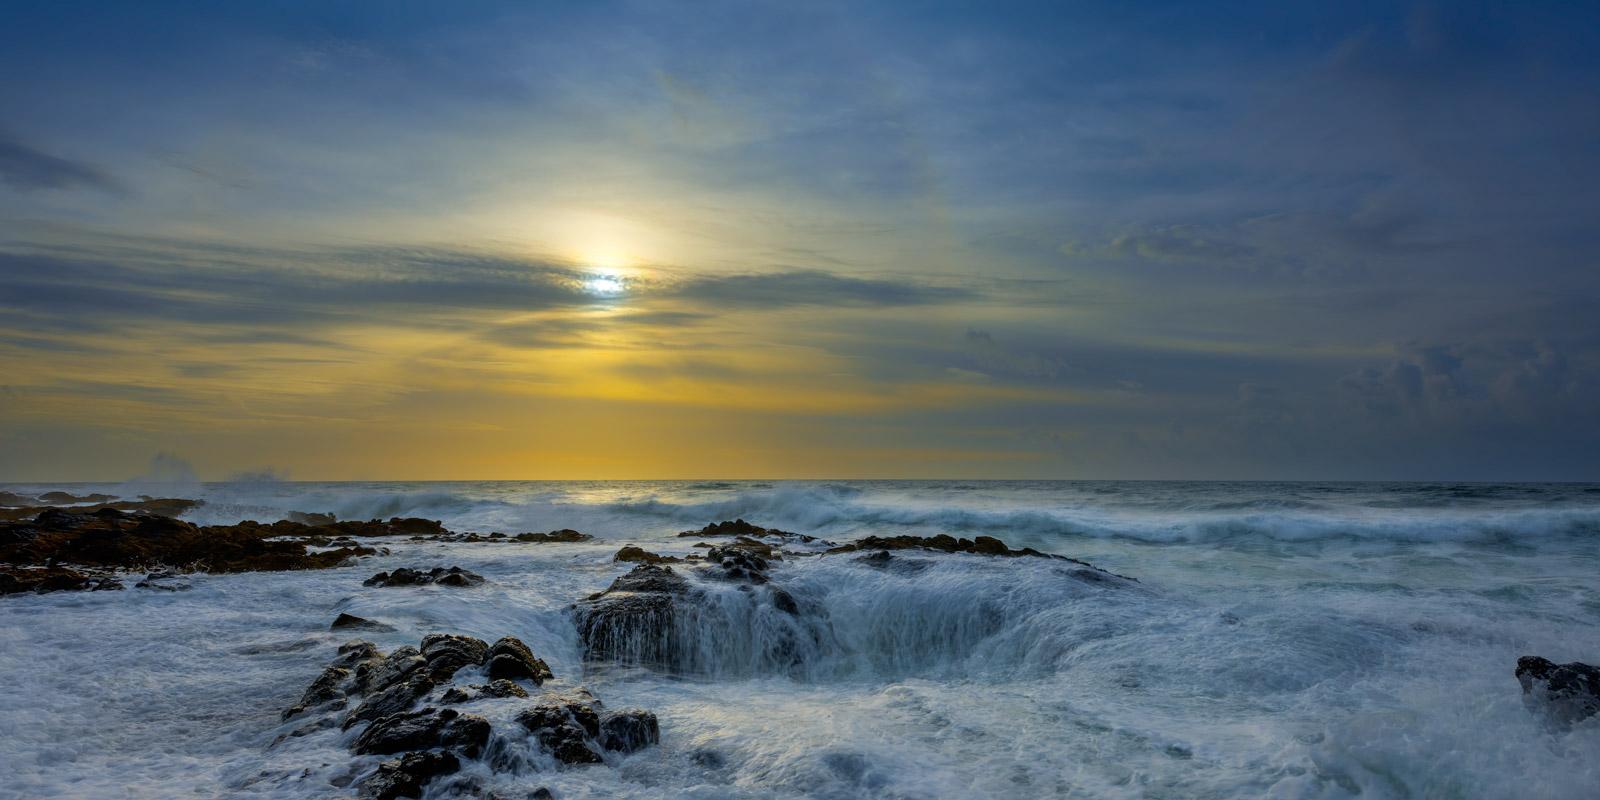 Oregon, Thors Well, Sunset, Storm, coast, photo